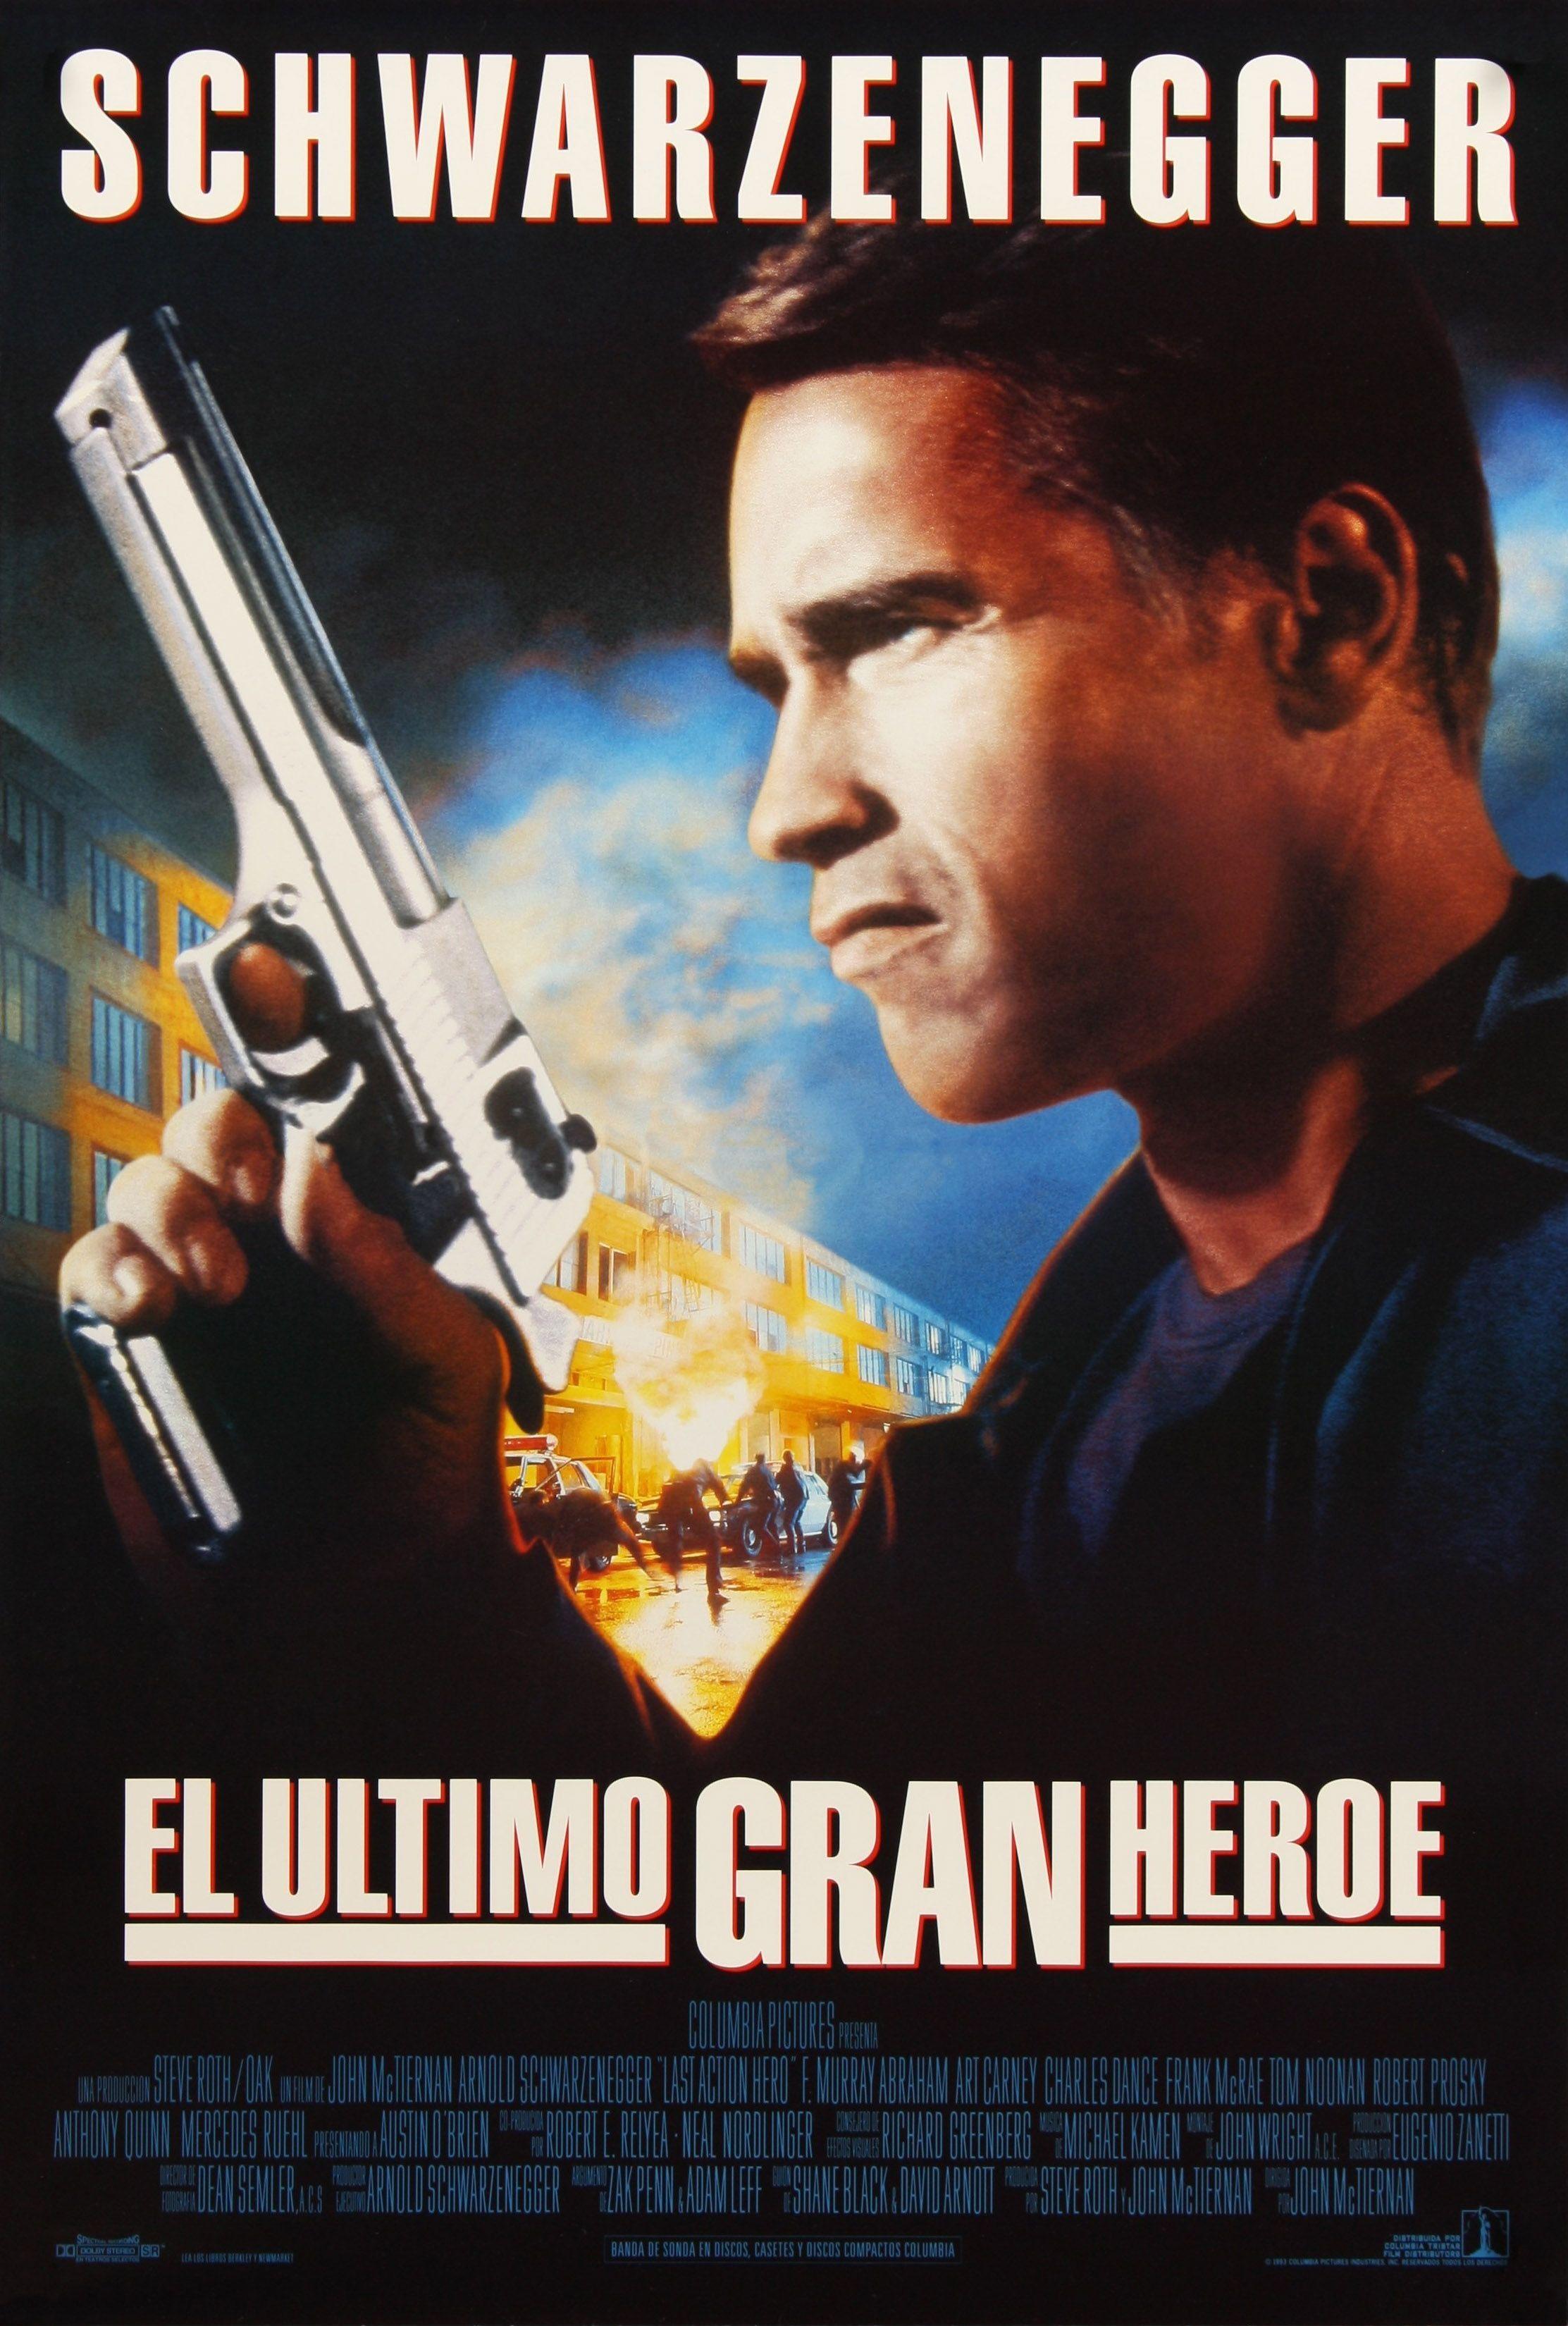 El Ultimo Gran Heroe Películas Completas Heroe Peliculas